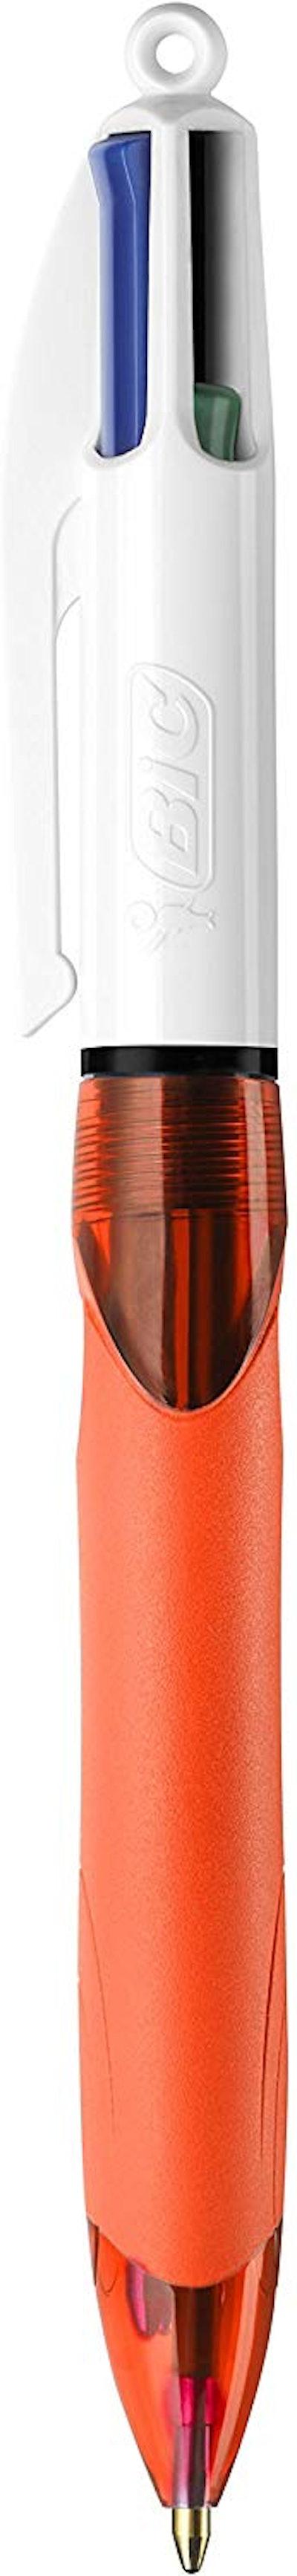 BIC 4-Color Grip Ballpoint Pen (3-Pack)